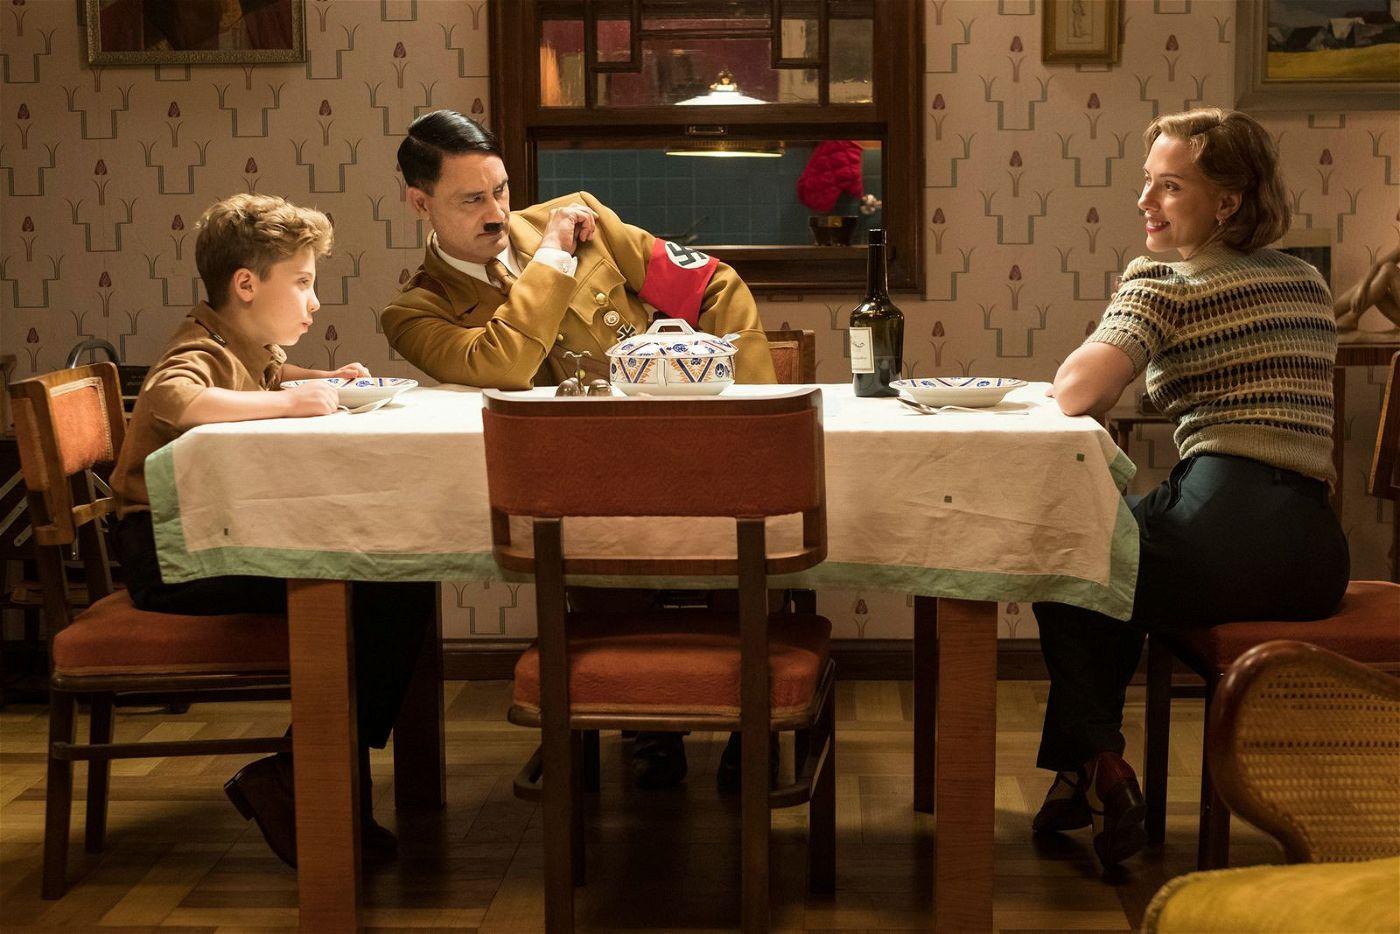 Mit Hitler (Taika Waititi, Mitte) bei Tisch: Jojos Mutter (Scarlett Johansson) weiß nicht, dass ihr Sohn (Roman Griffin Davis) einen imaginären Freund hat.